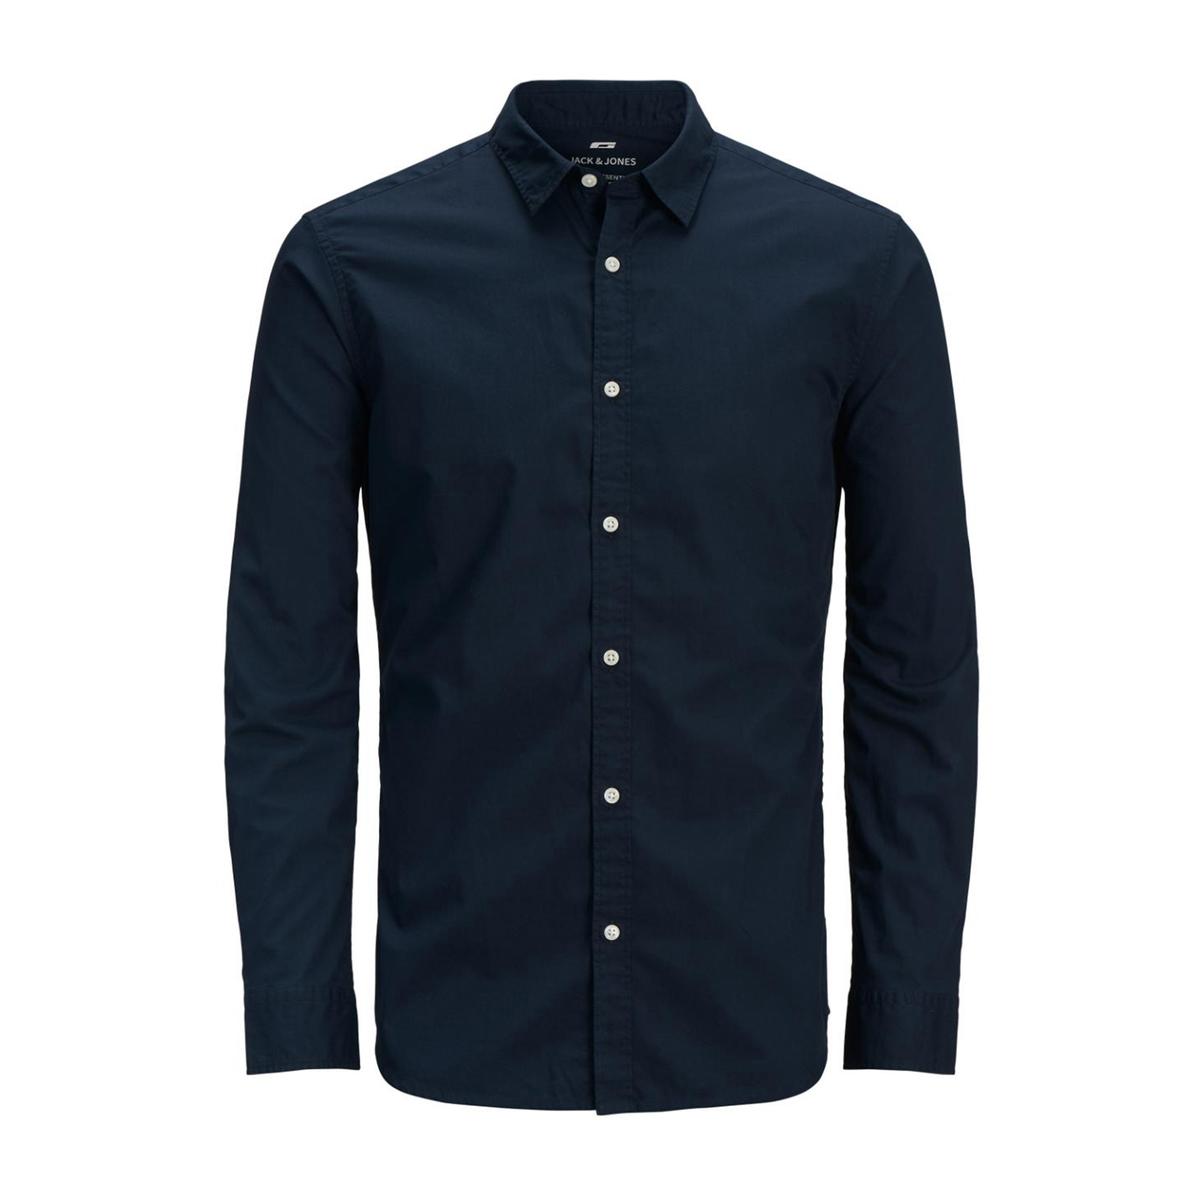 Рубашка JACK & JONES 11588472 от LaRedoute